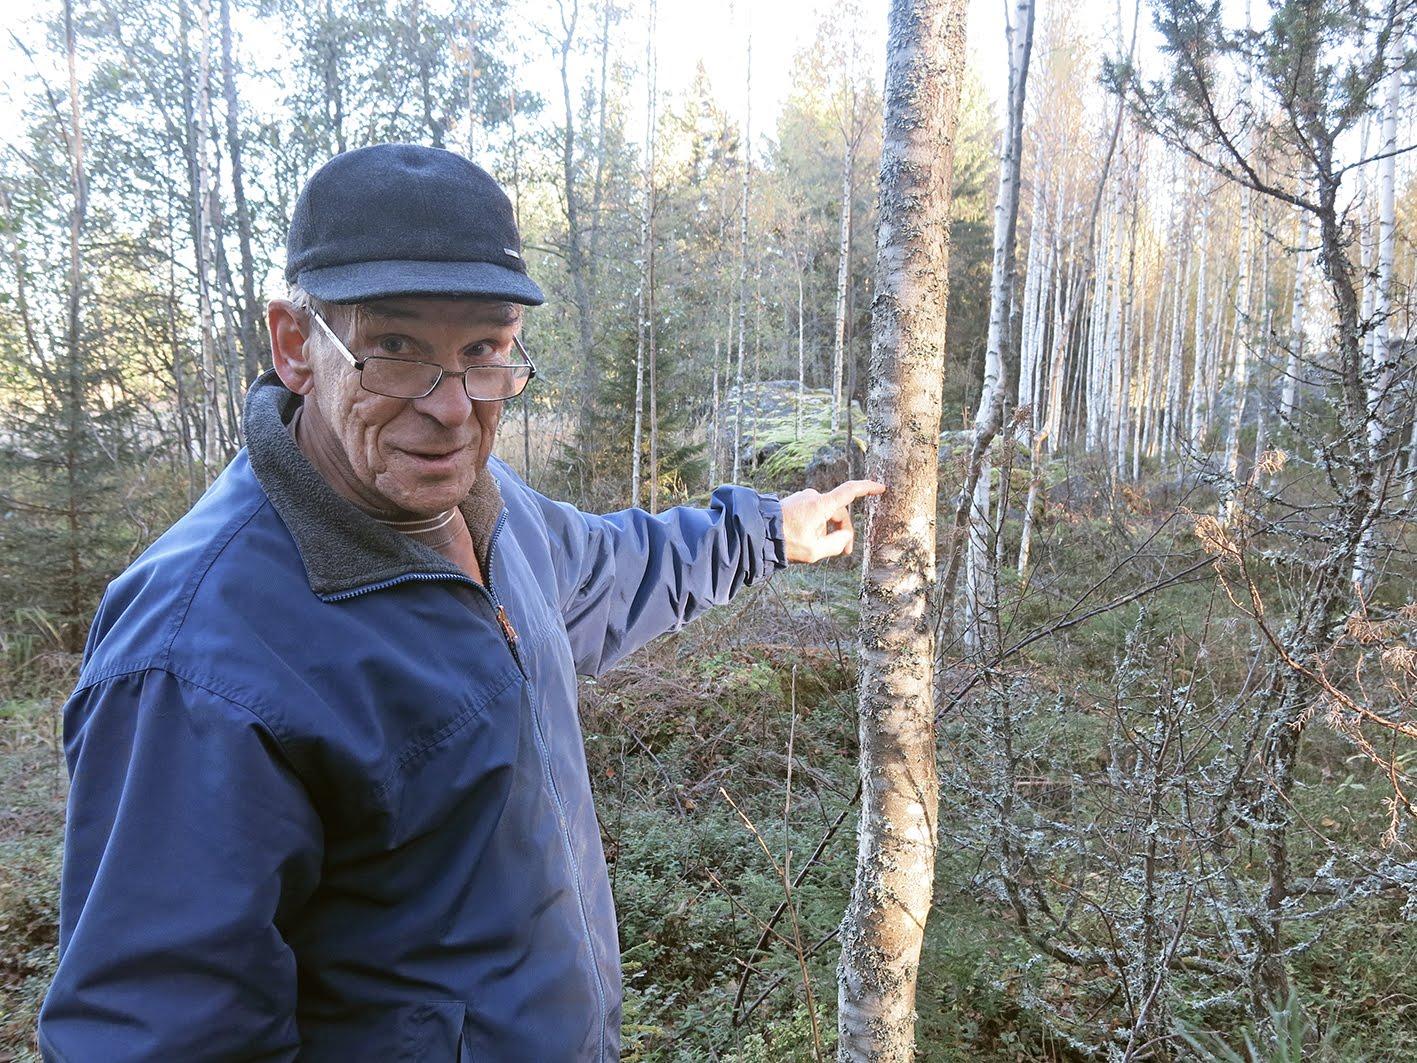 Intervju och studiebesök hos skogsägaren Ralf om Mausurbjörk och skogsbruk